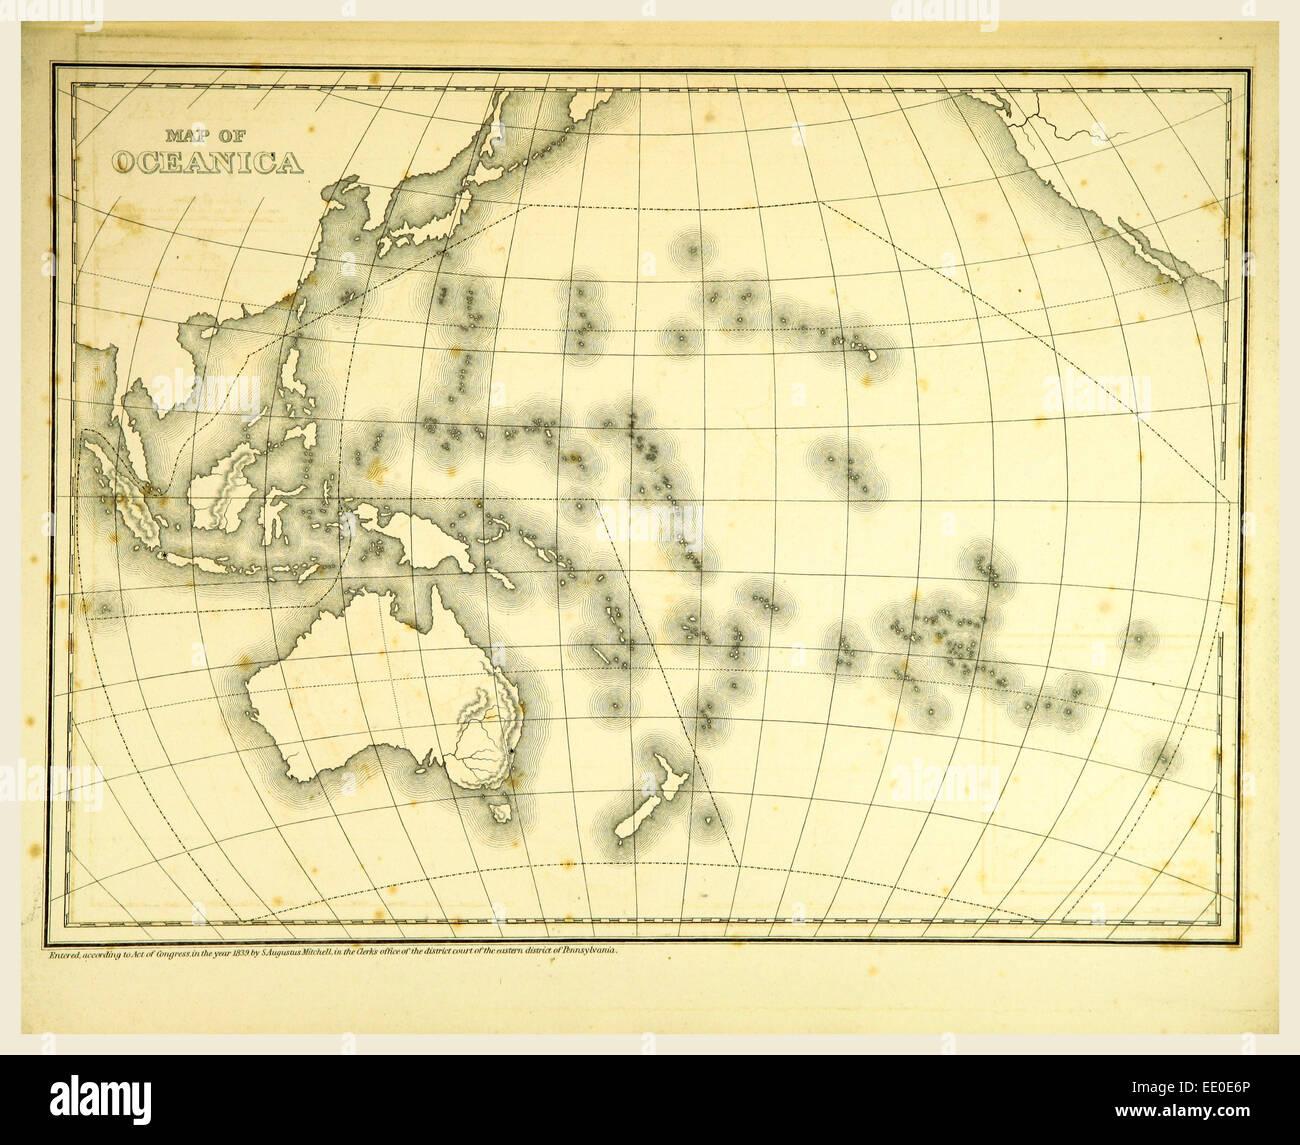 Mitchells Atlas Umriss Karten, Karte von Oceanica, 19. Jahrhundert Gravur, Oceania Stockbild